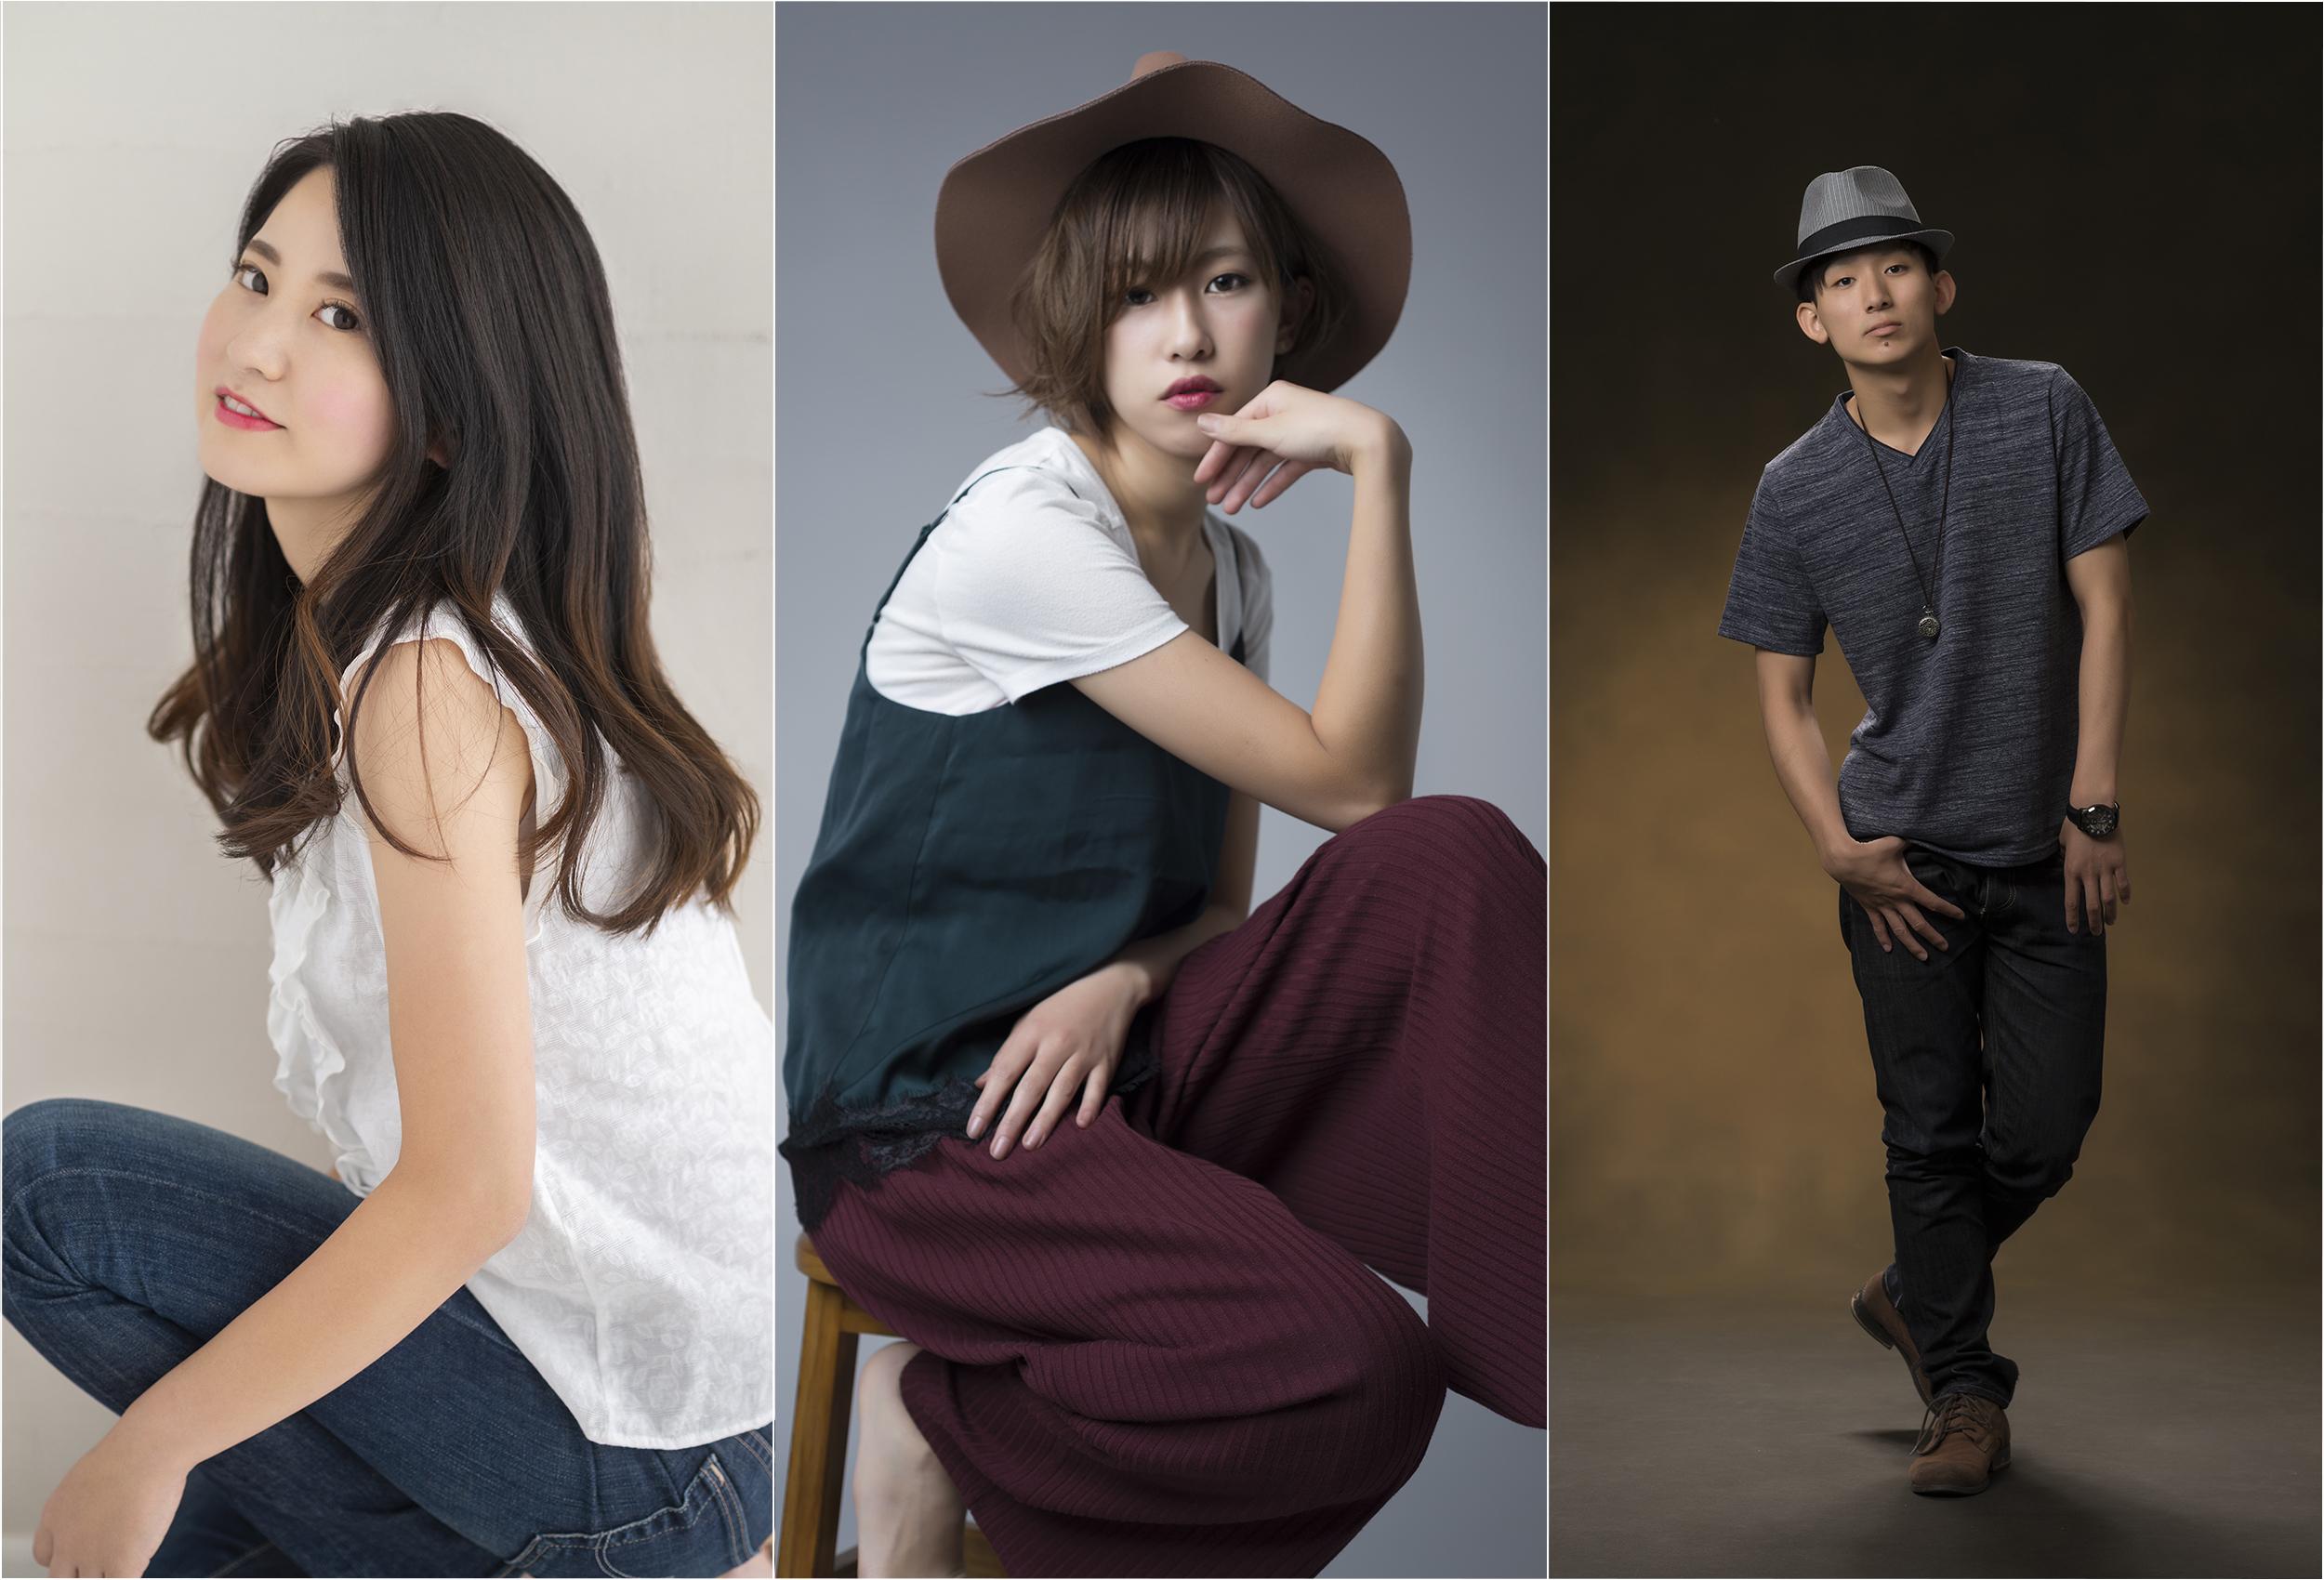 Masaki Ito Photographer - ファッションやプロフィールなどの撮影被写体のナチュラルな魅力と未知の魅力を楽しみながら撮影する